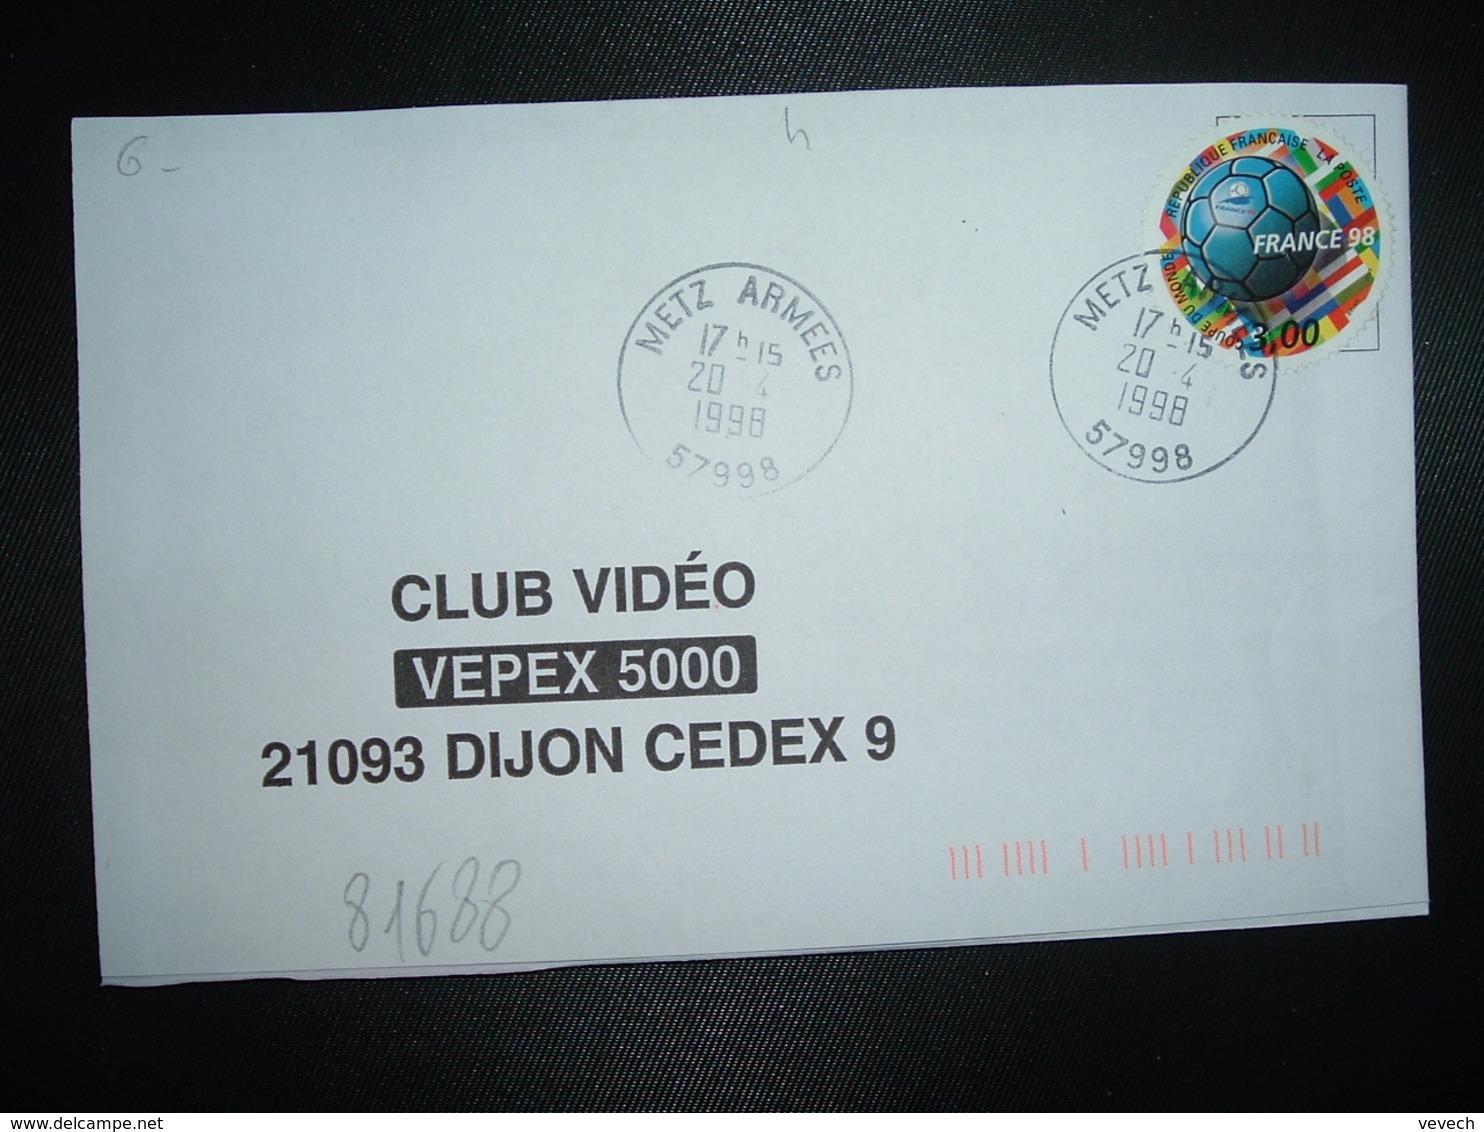 LETTRE TP COUPE DU MONDE FRANCE 98 3,00 OBL.20-4 1998 METZ ARMEES 57998 (MOSELLE) - Marcophilie (Lettres)